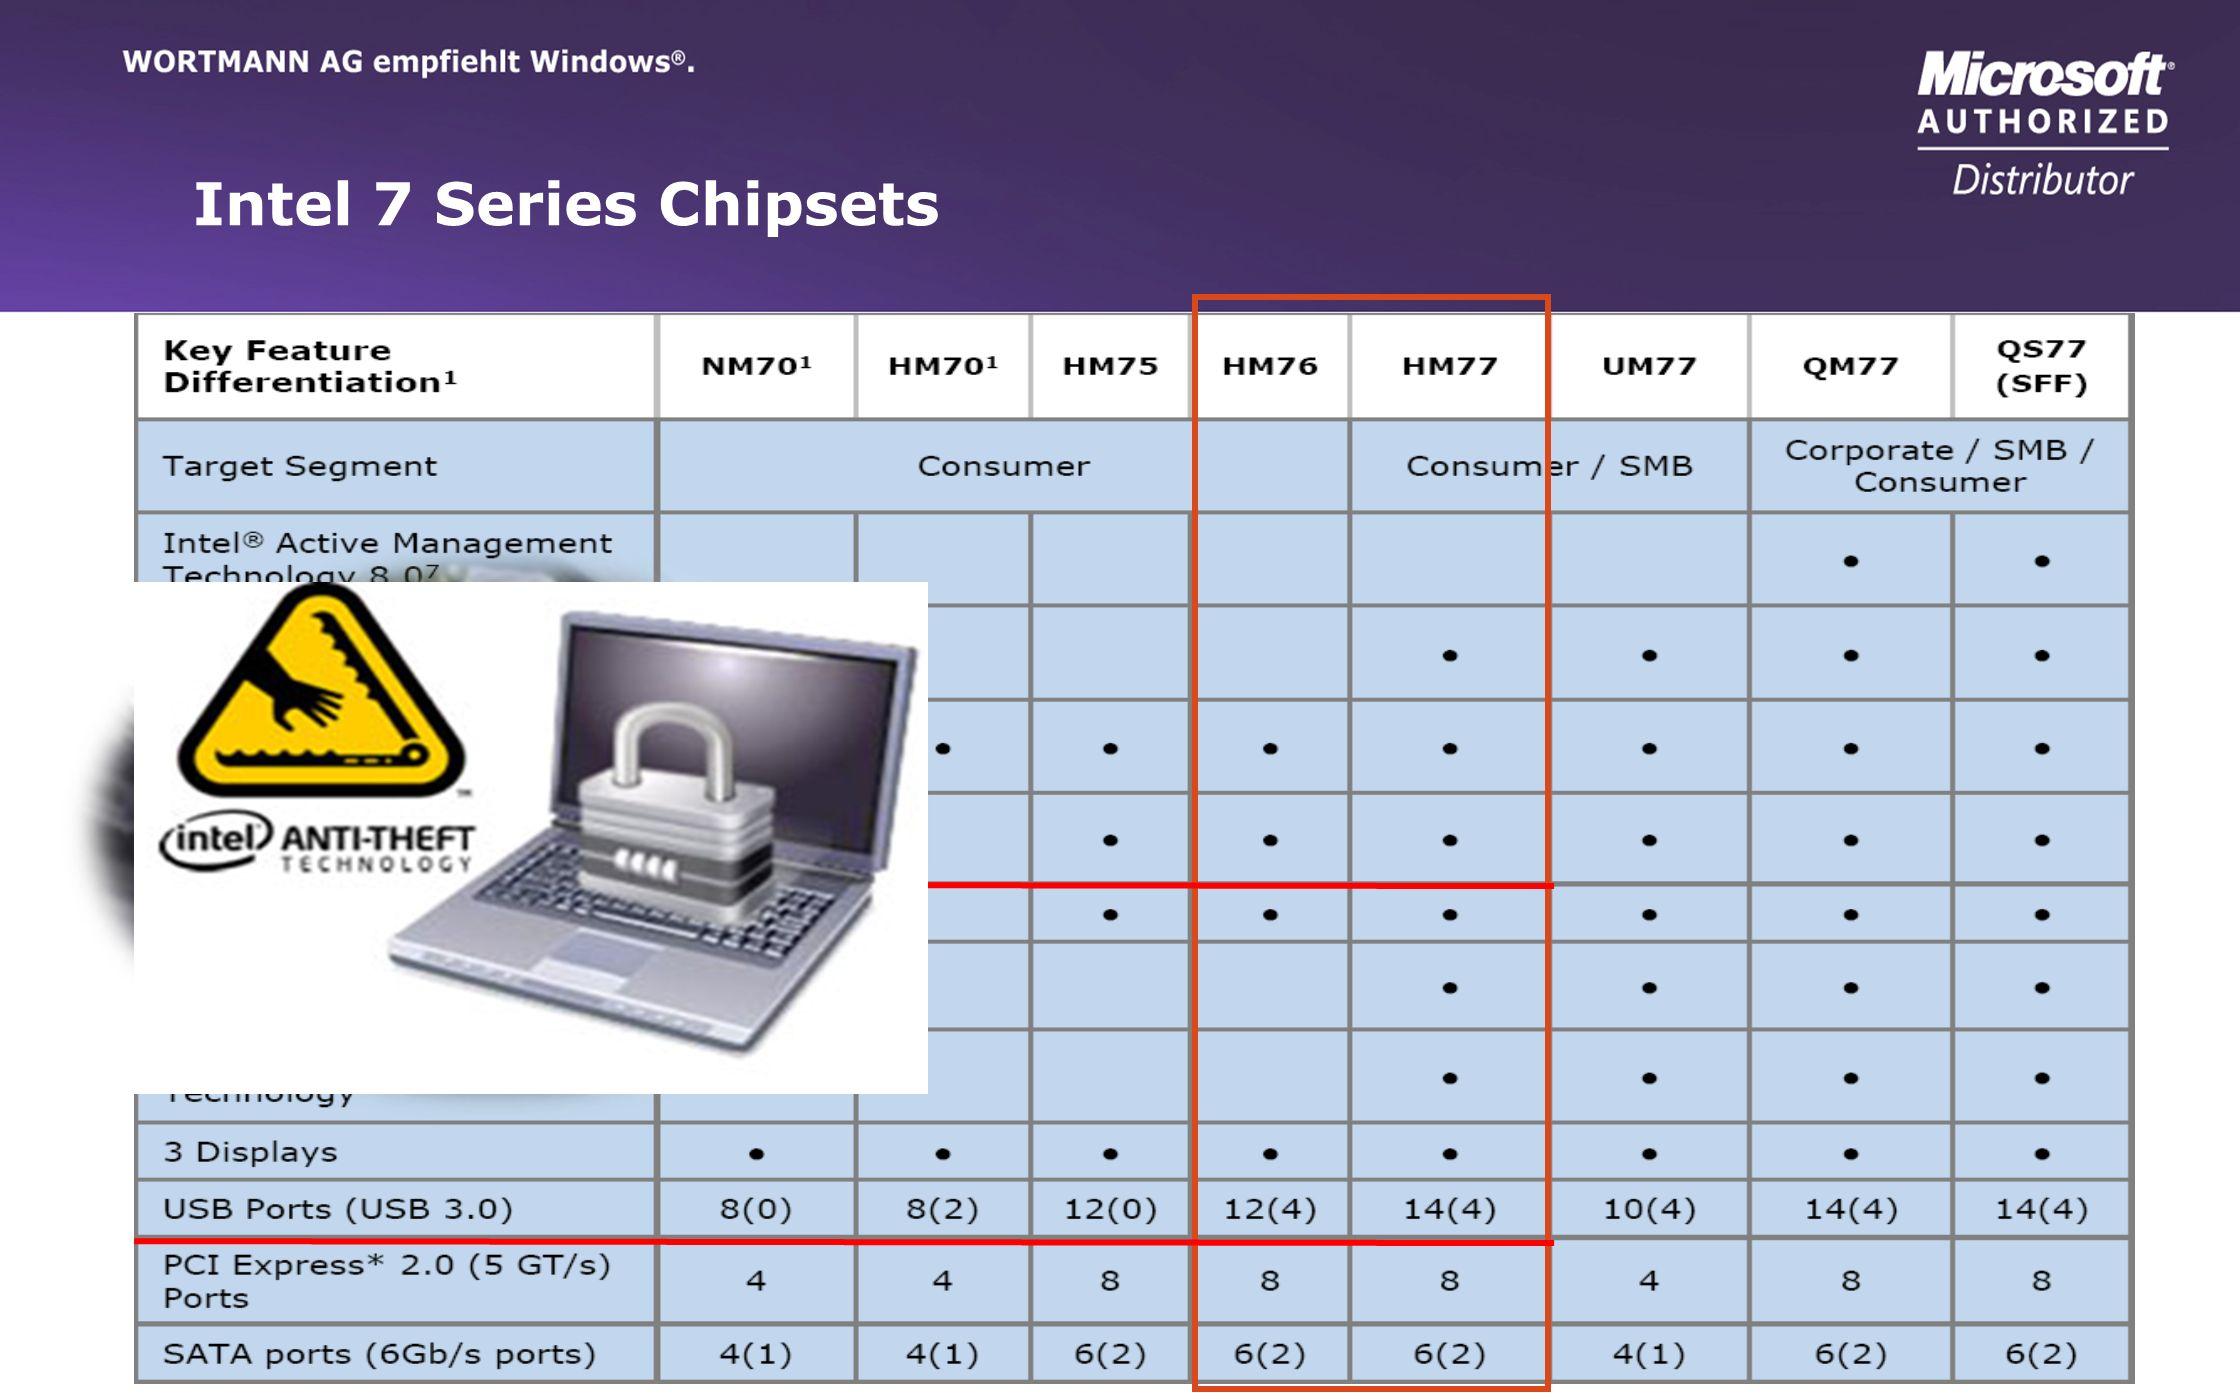 www.wortmann.de TERRA Notebooks - Die richtige Lösung für jede Umgebung TERRA MOBILE ROADMAP Q3-Q4 2012